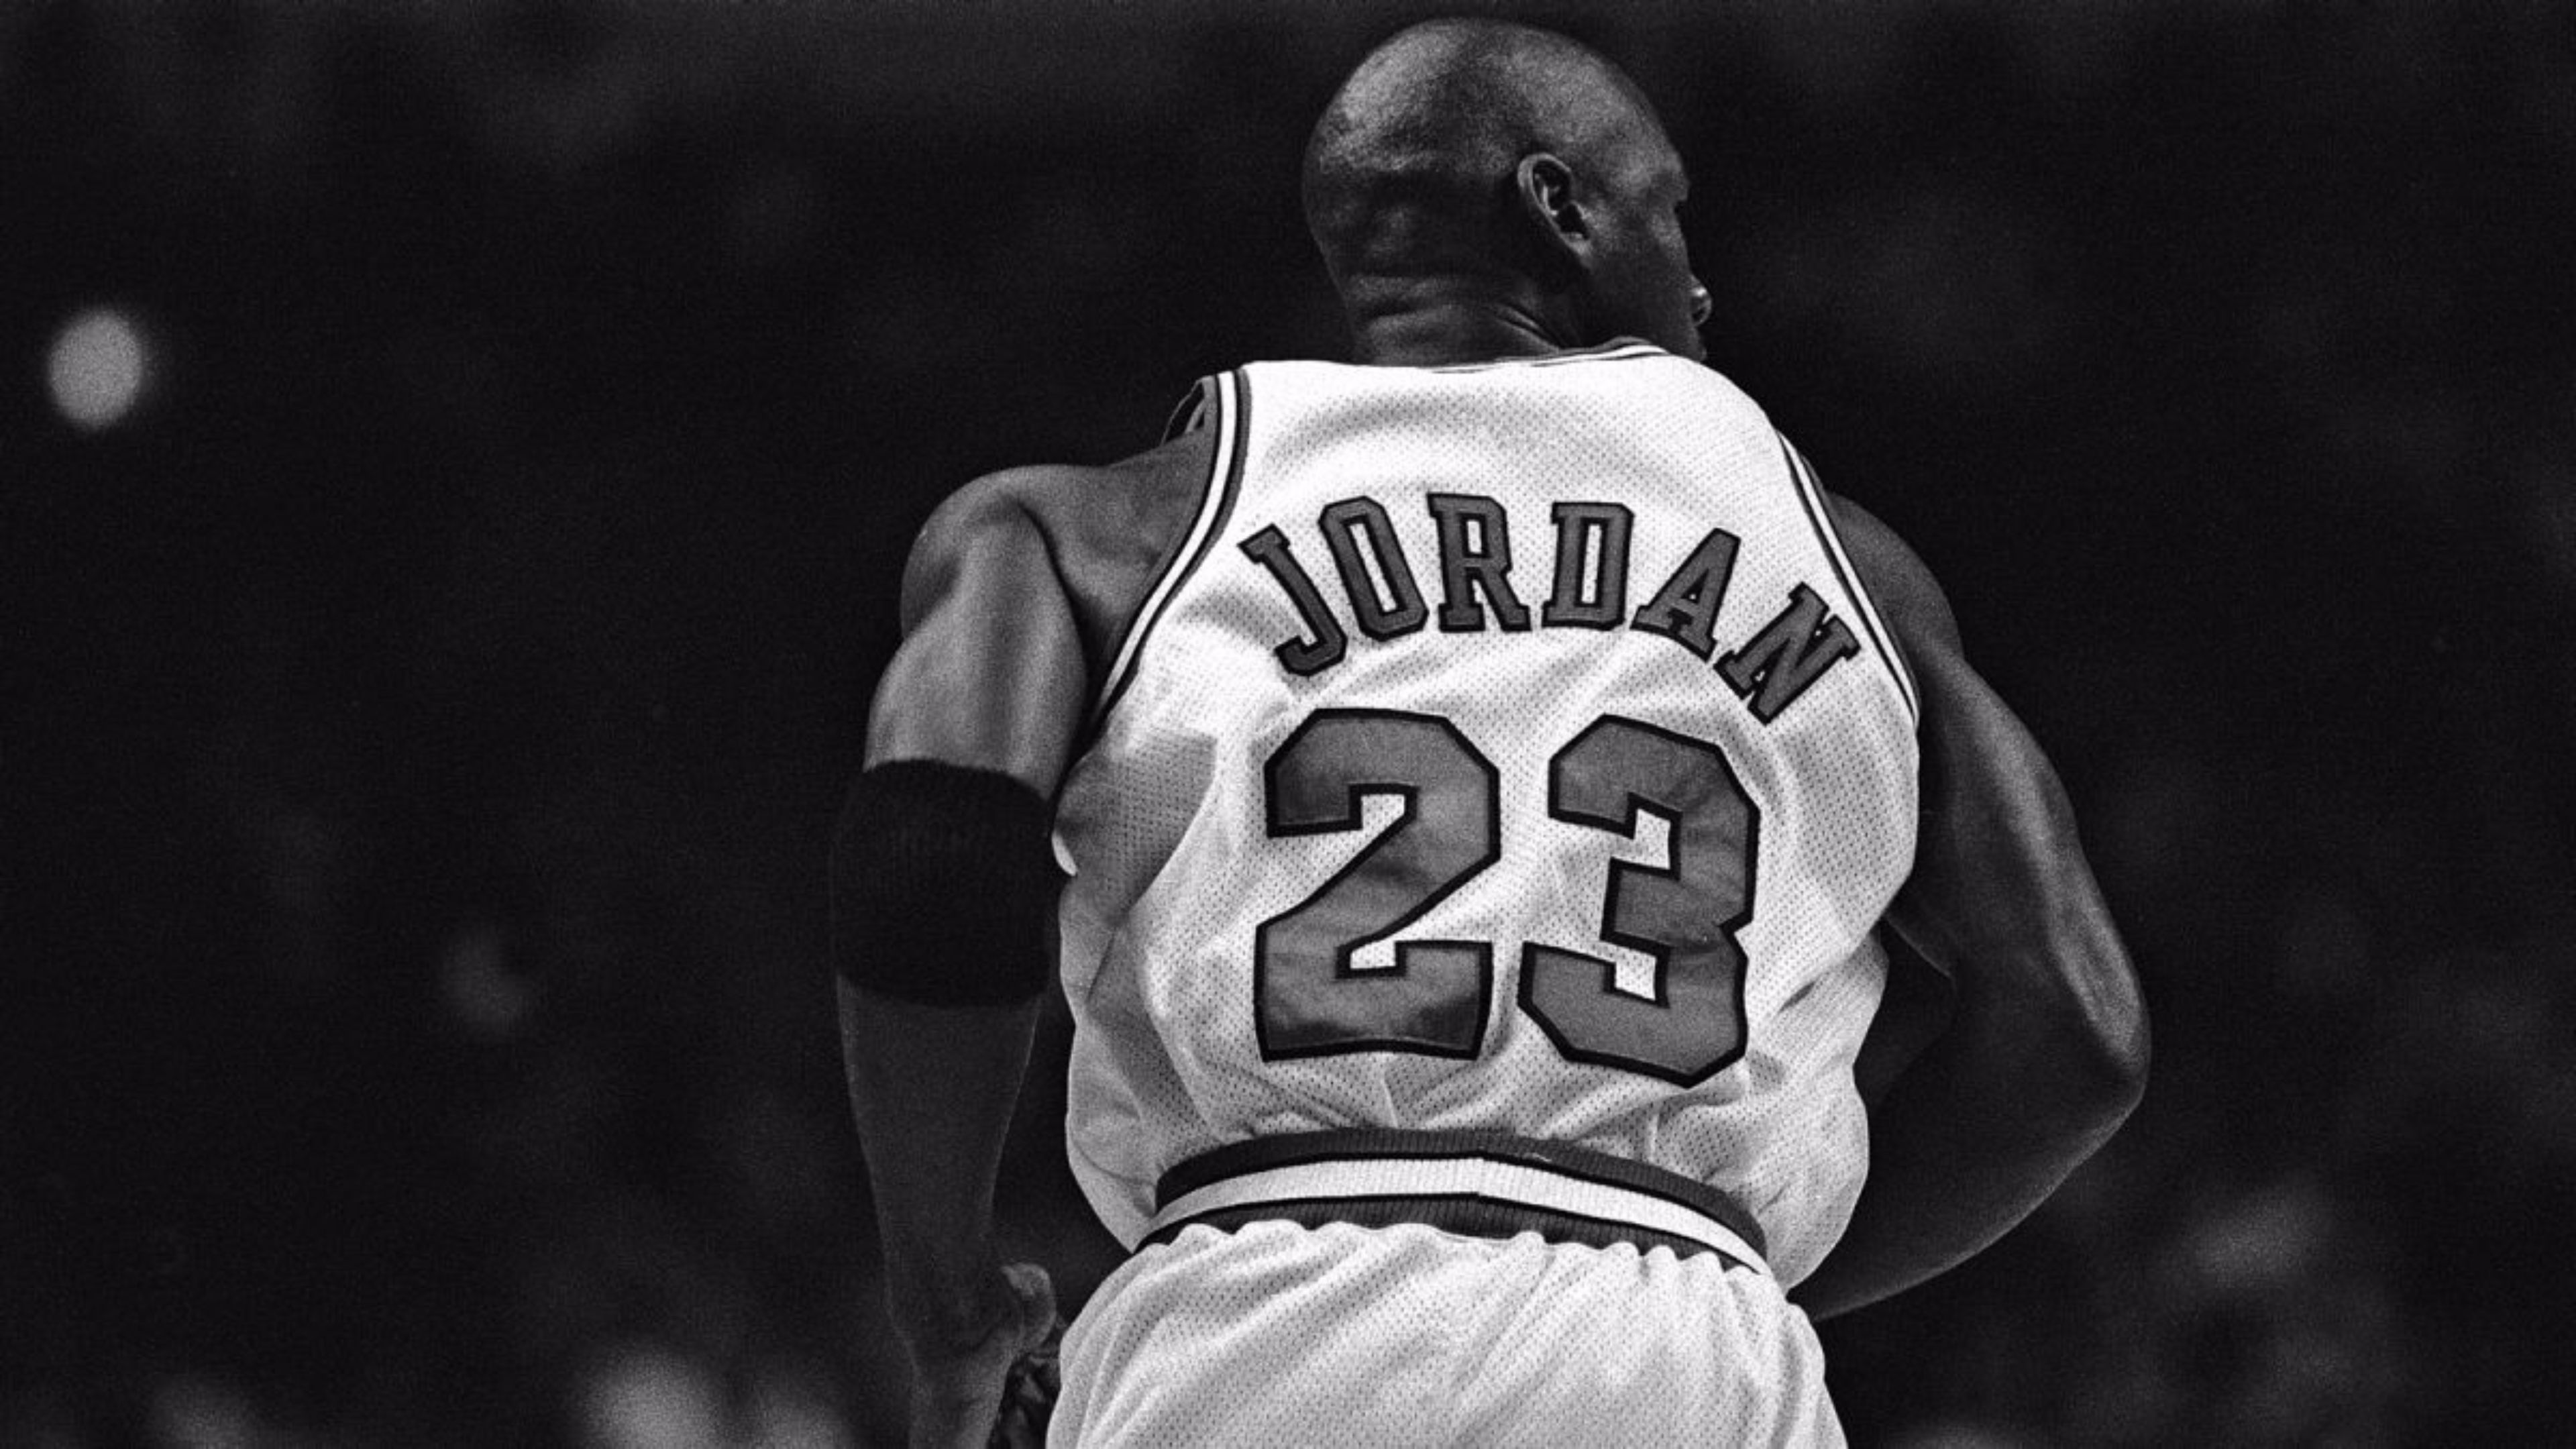 3840x2160 Michael Jordan 23 Hình nền HD.  Tải xuống hình nền HD miễn phí